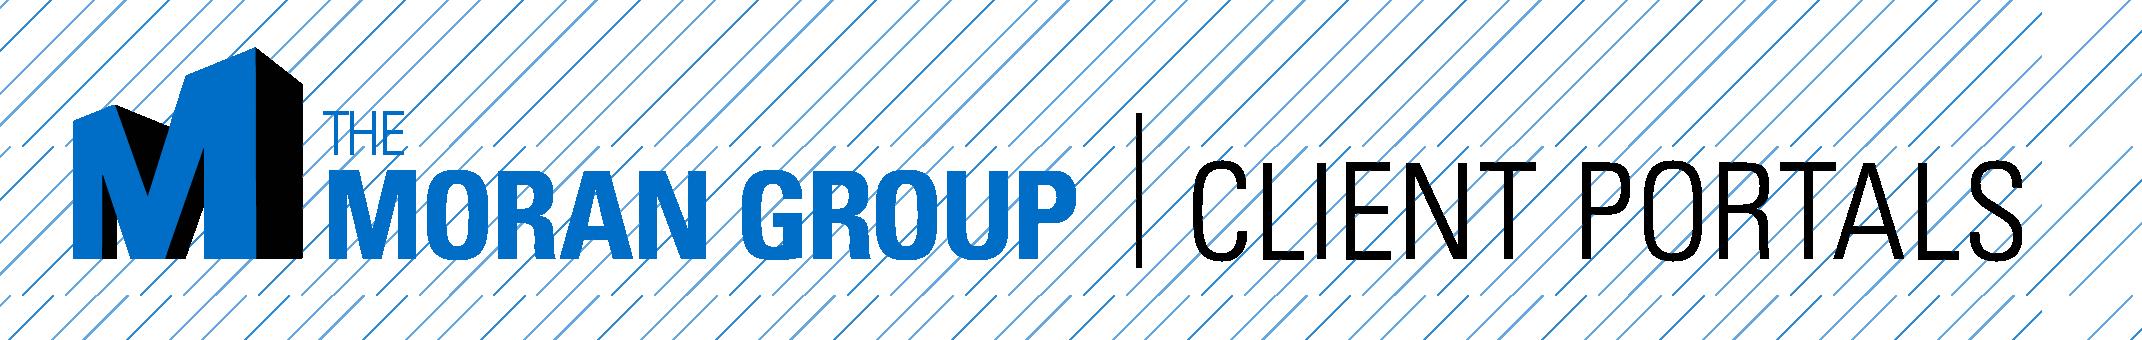 The Moran Group Client Portals Header